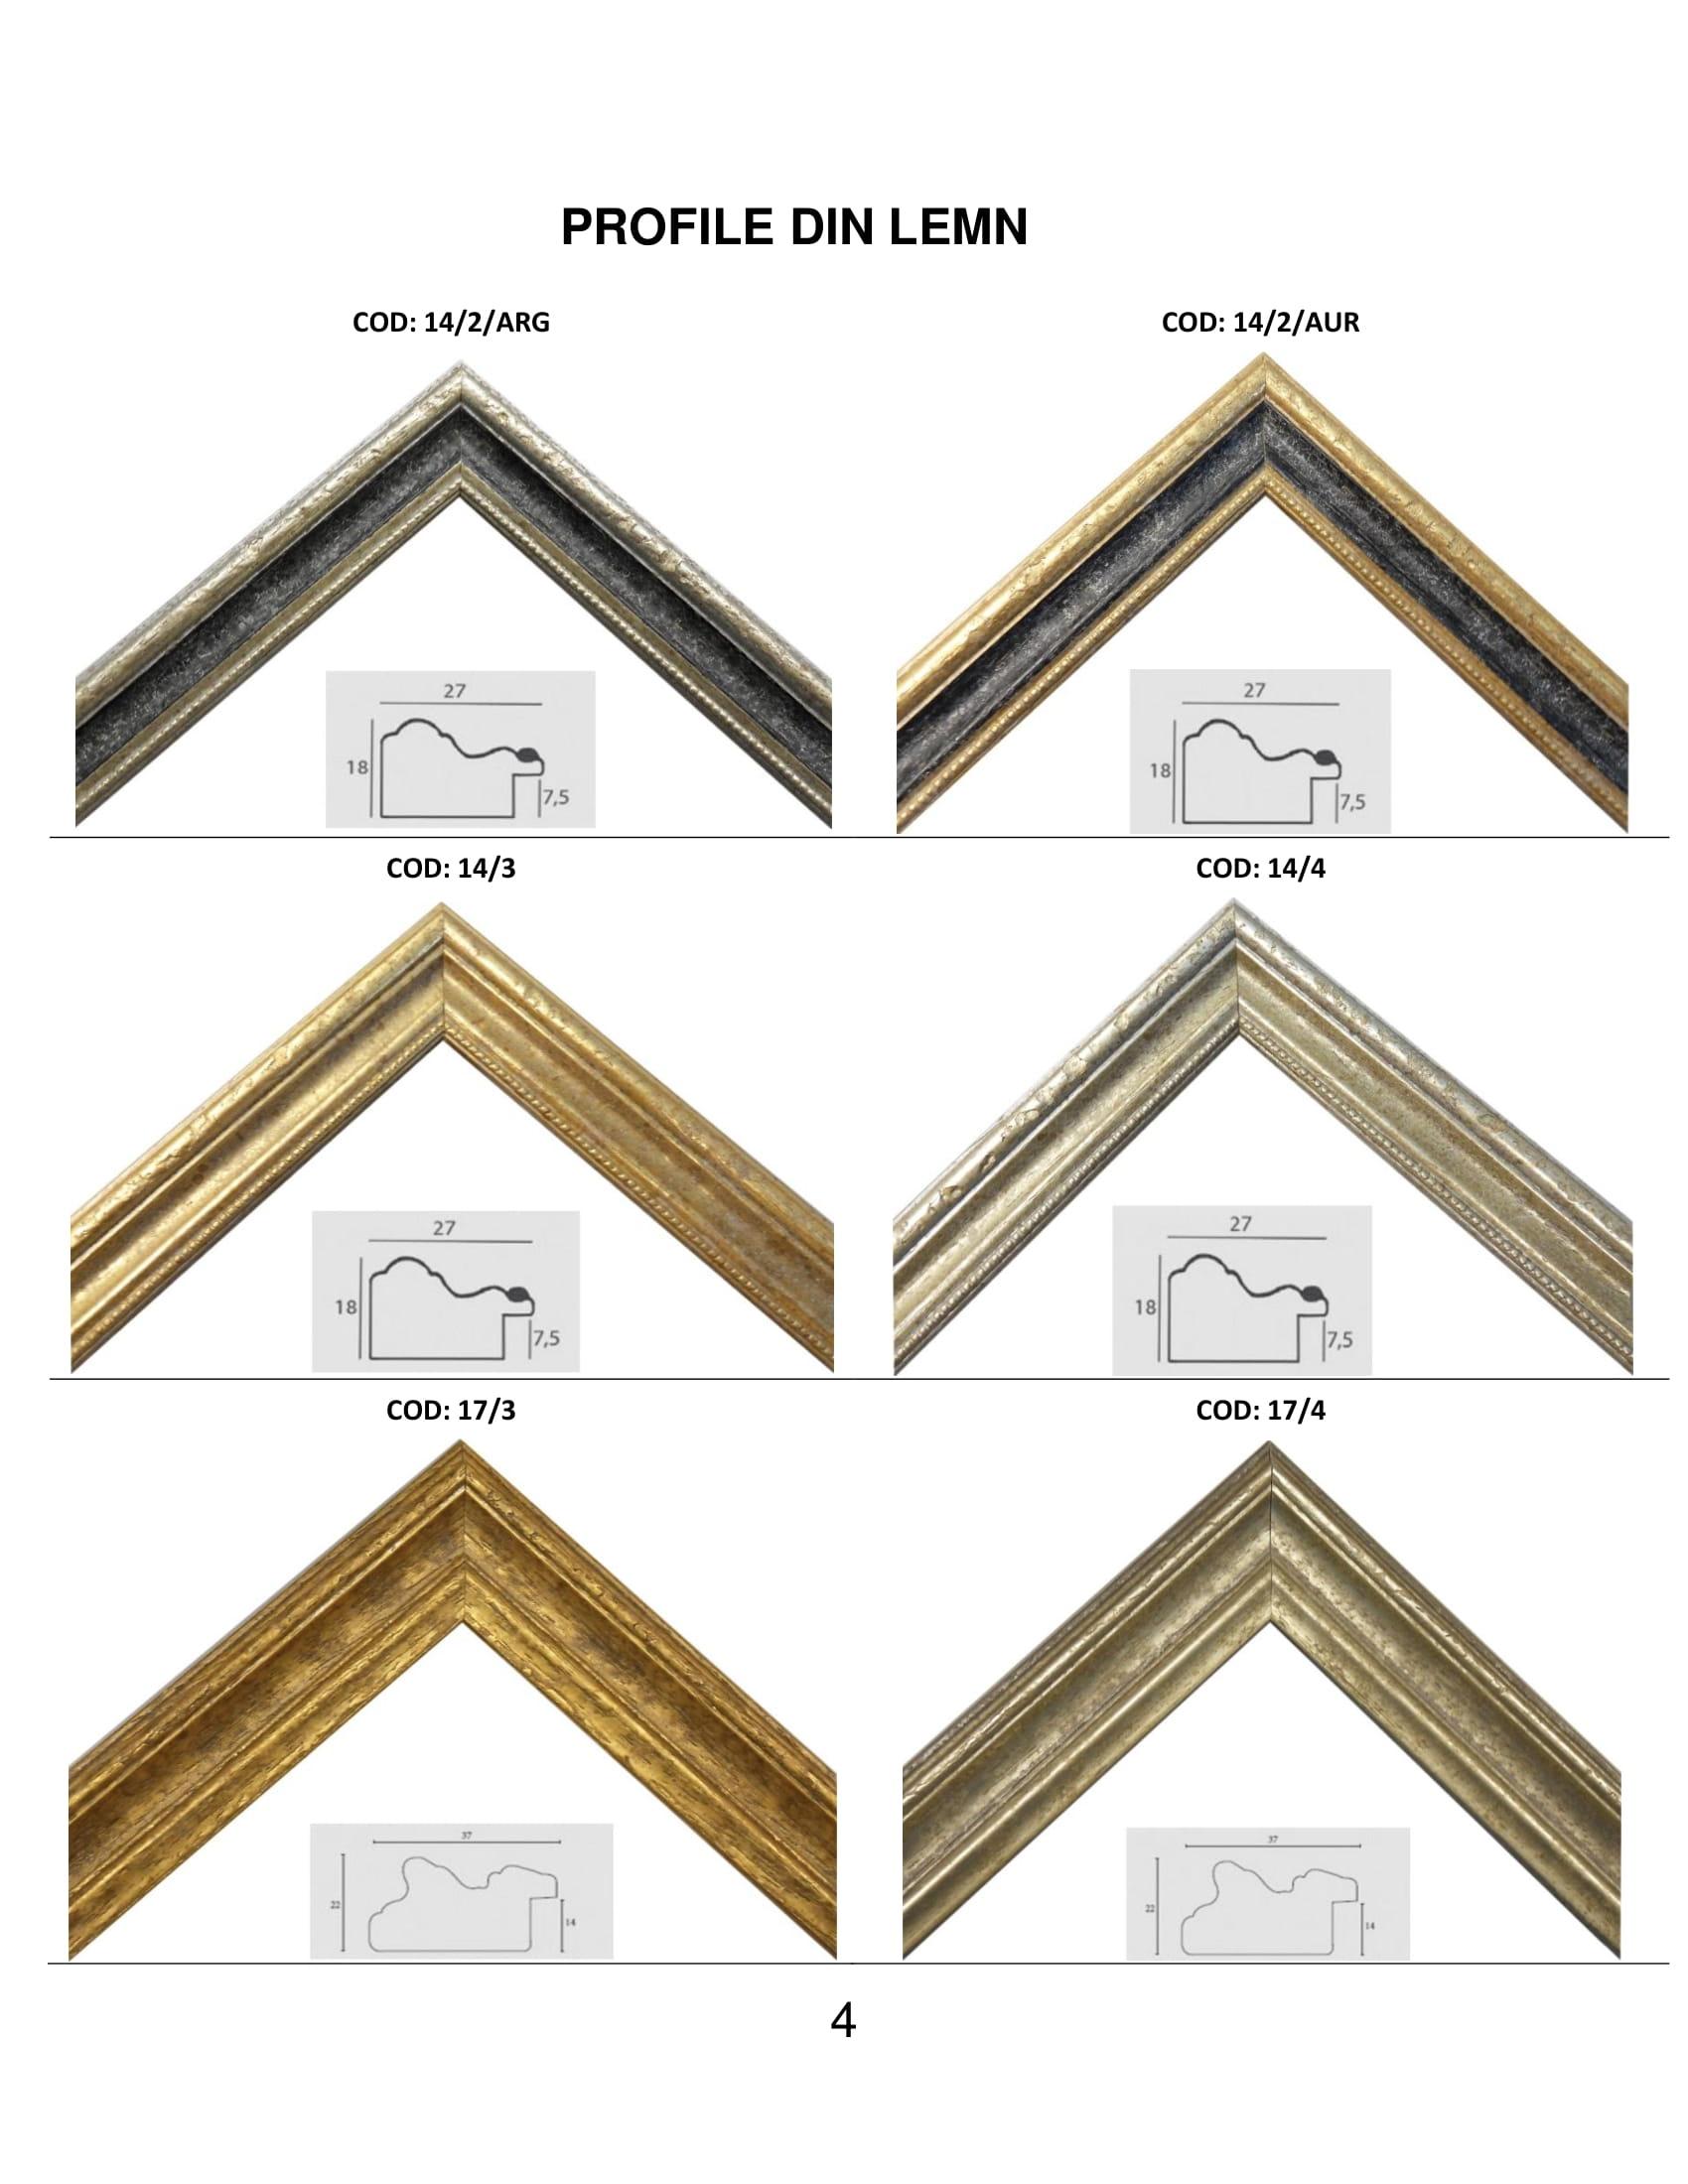 rame profile din lemn - 4